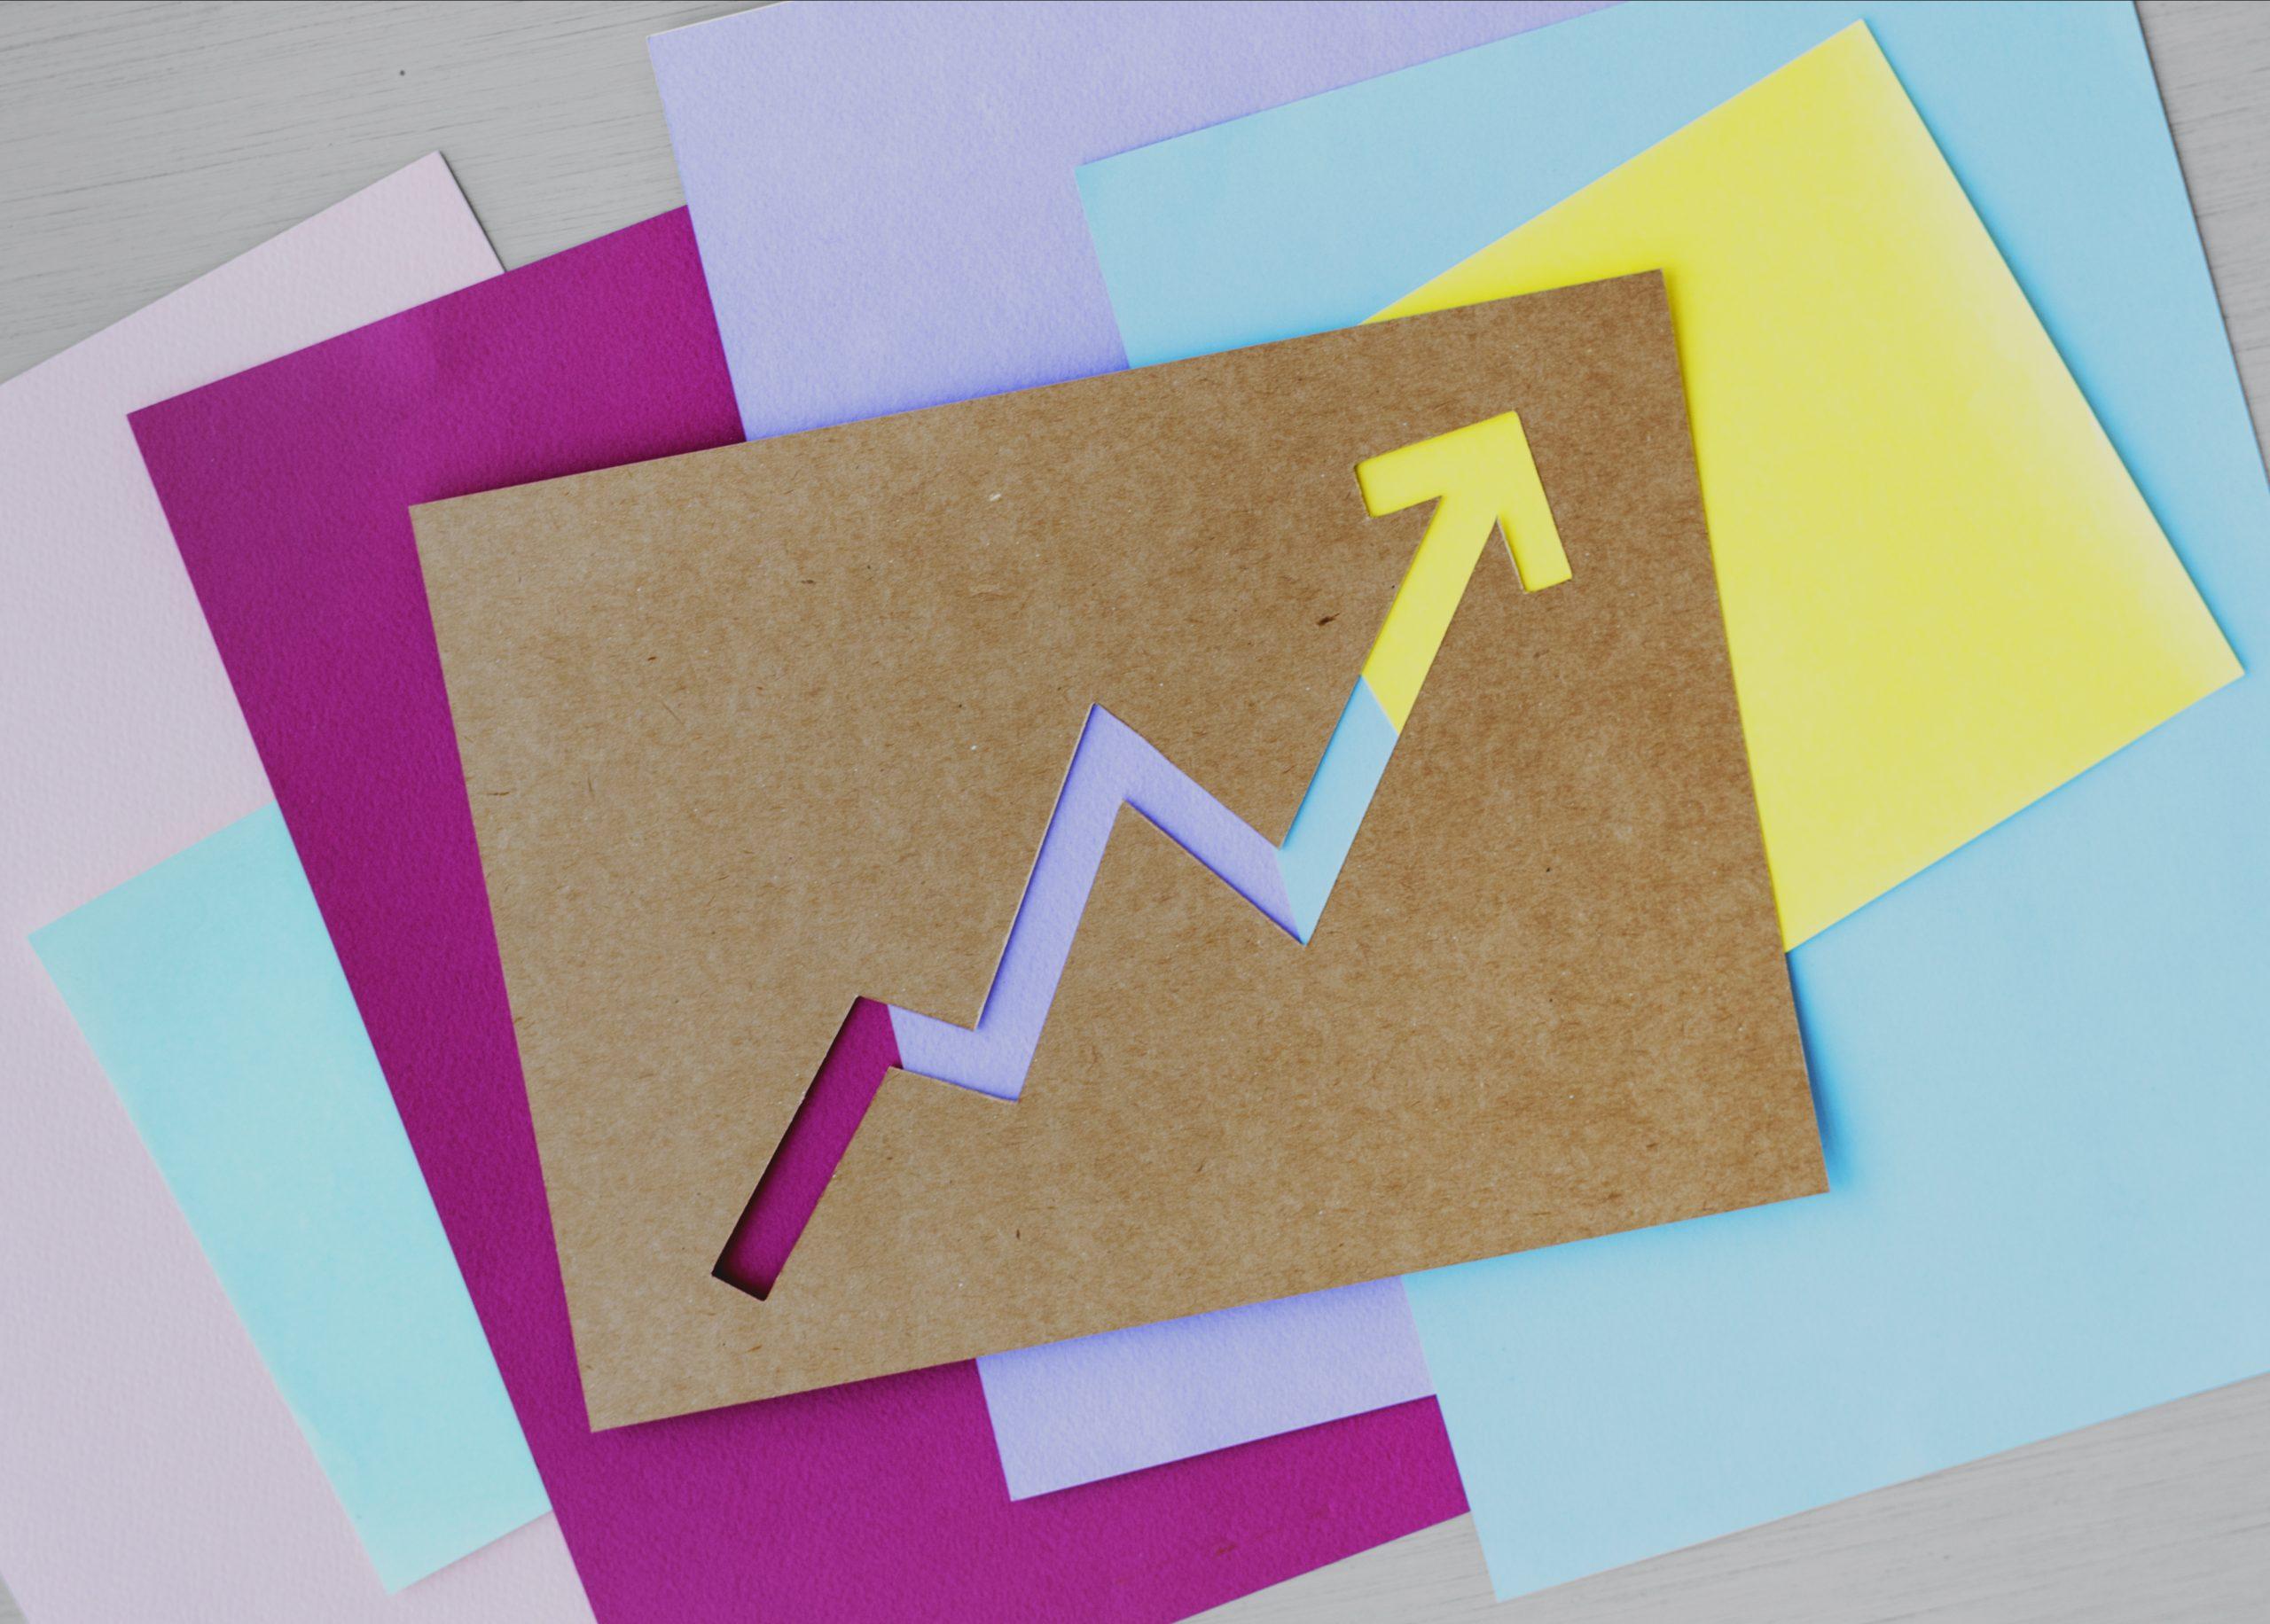 Top eCommerce Trends In 2021